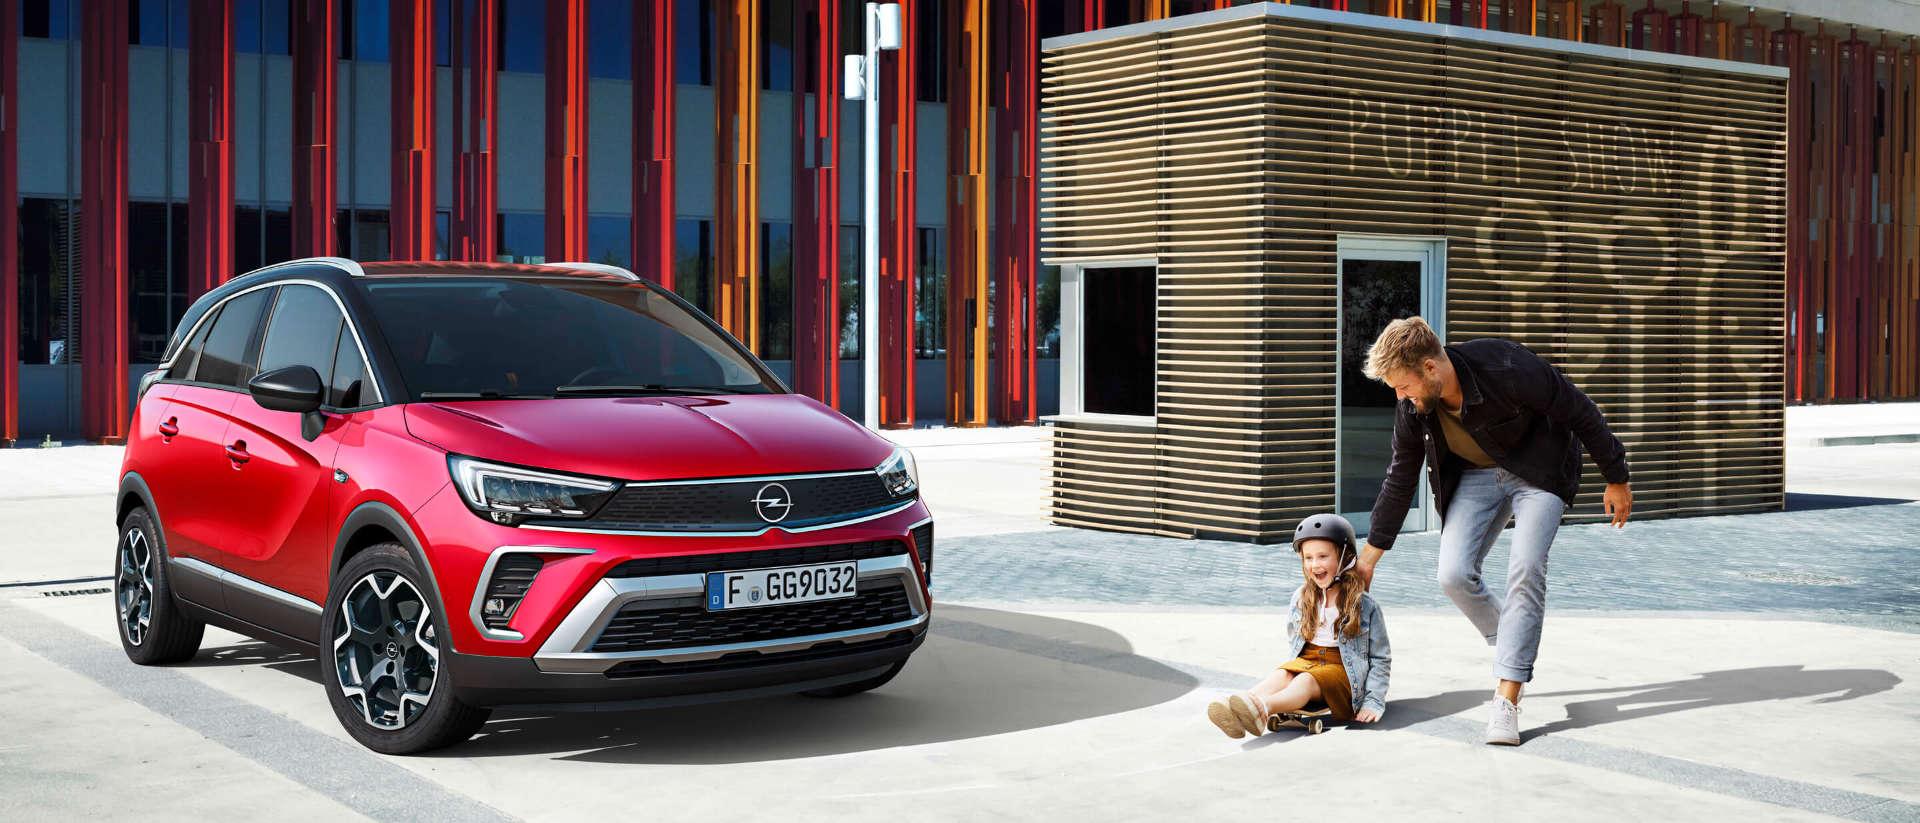 Opel Crossland, зовнішній вигляд, люди